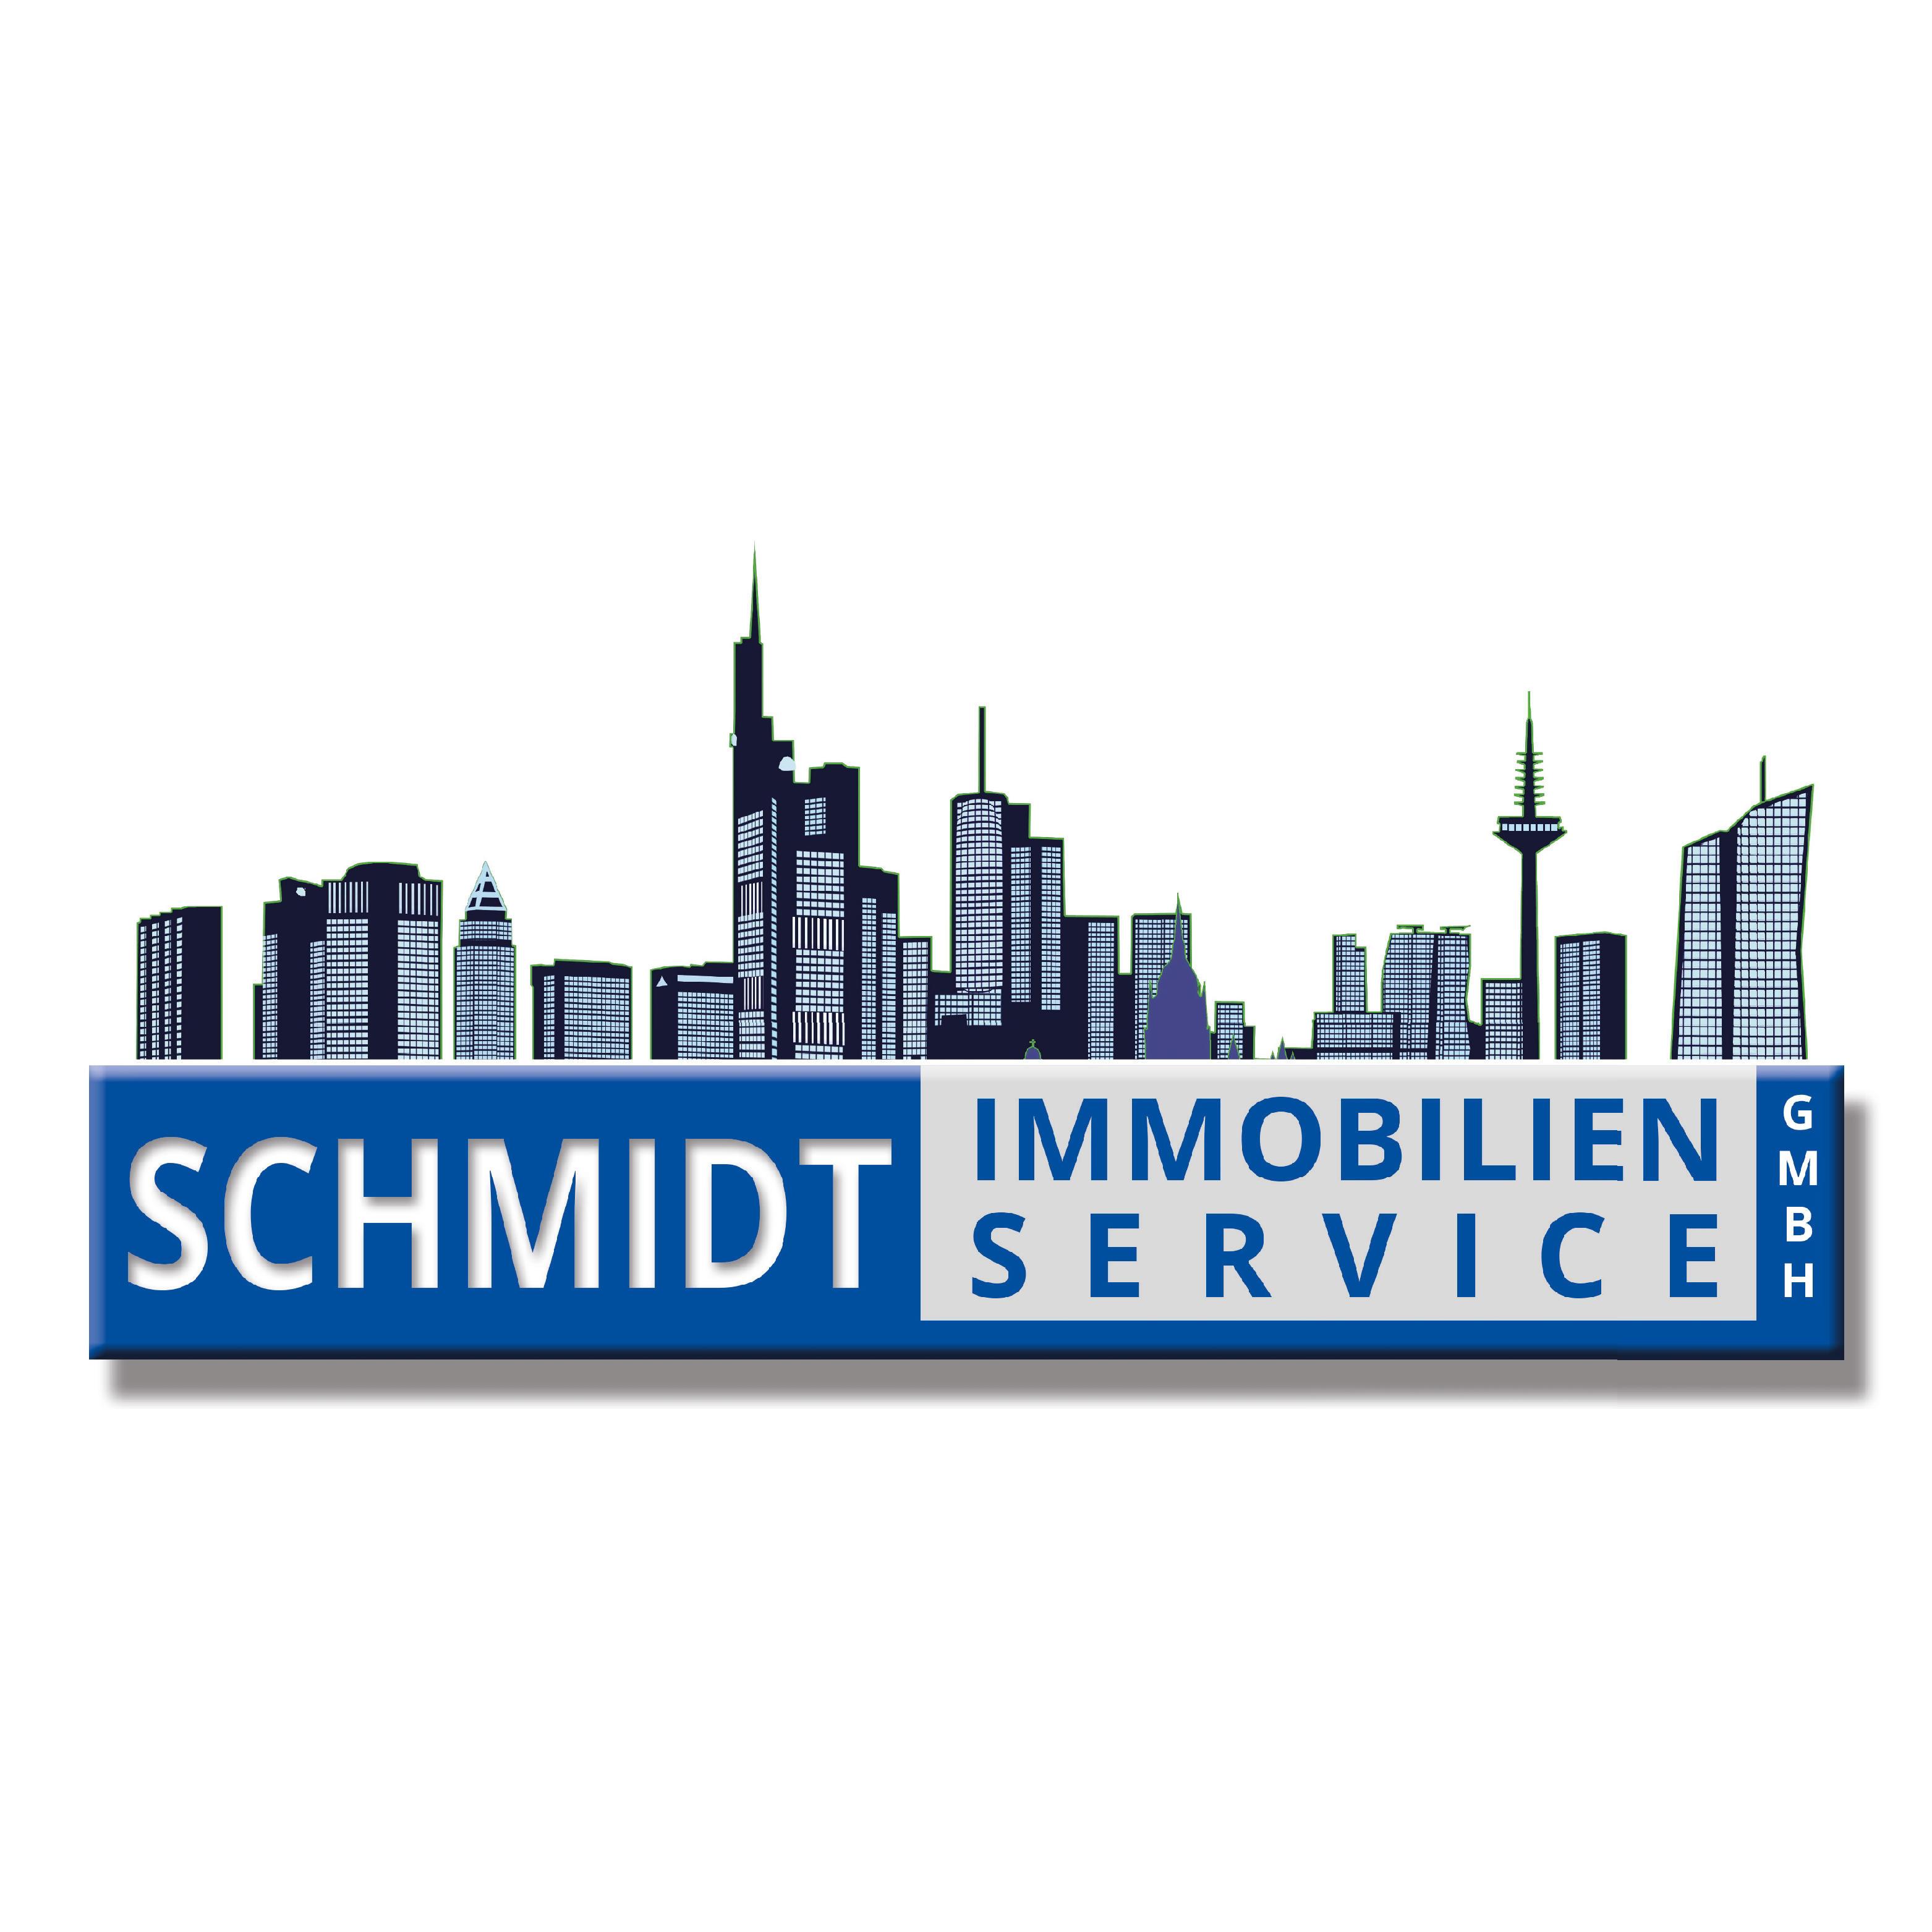 schmidt immobilien service gmbh in heusenstamm branchenbuch deutschland. Black Bedroom Furniture Sets. Home Design Ideas